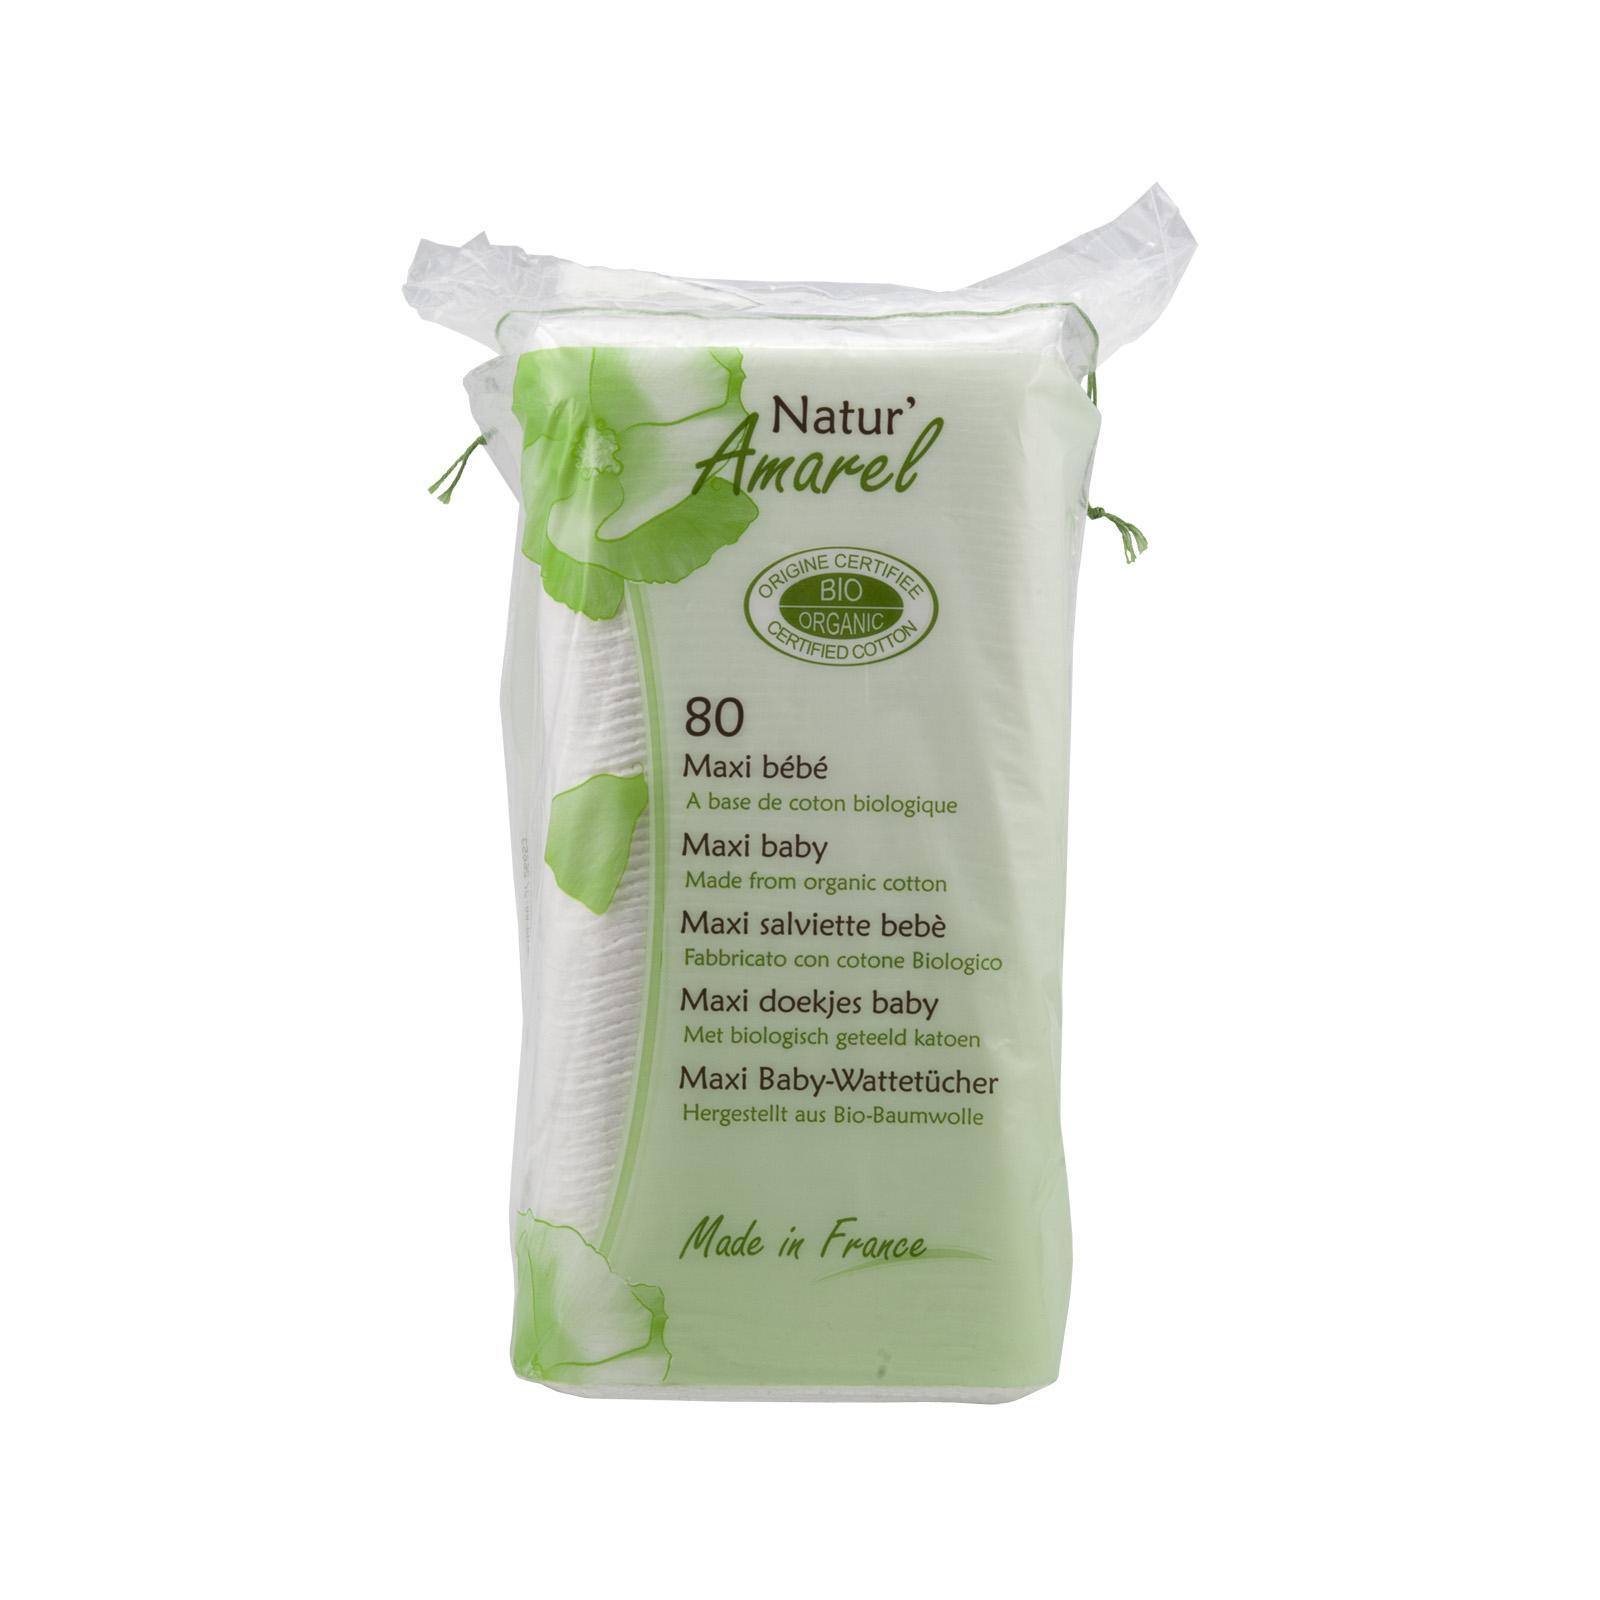 Natur Amarel Dětské čisticí tampony, maxi baby cotton pads 60 ks